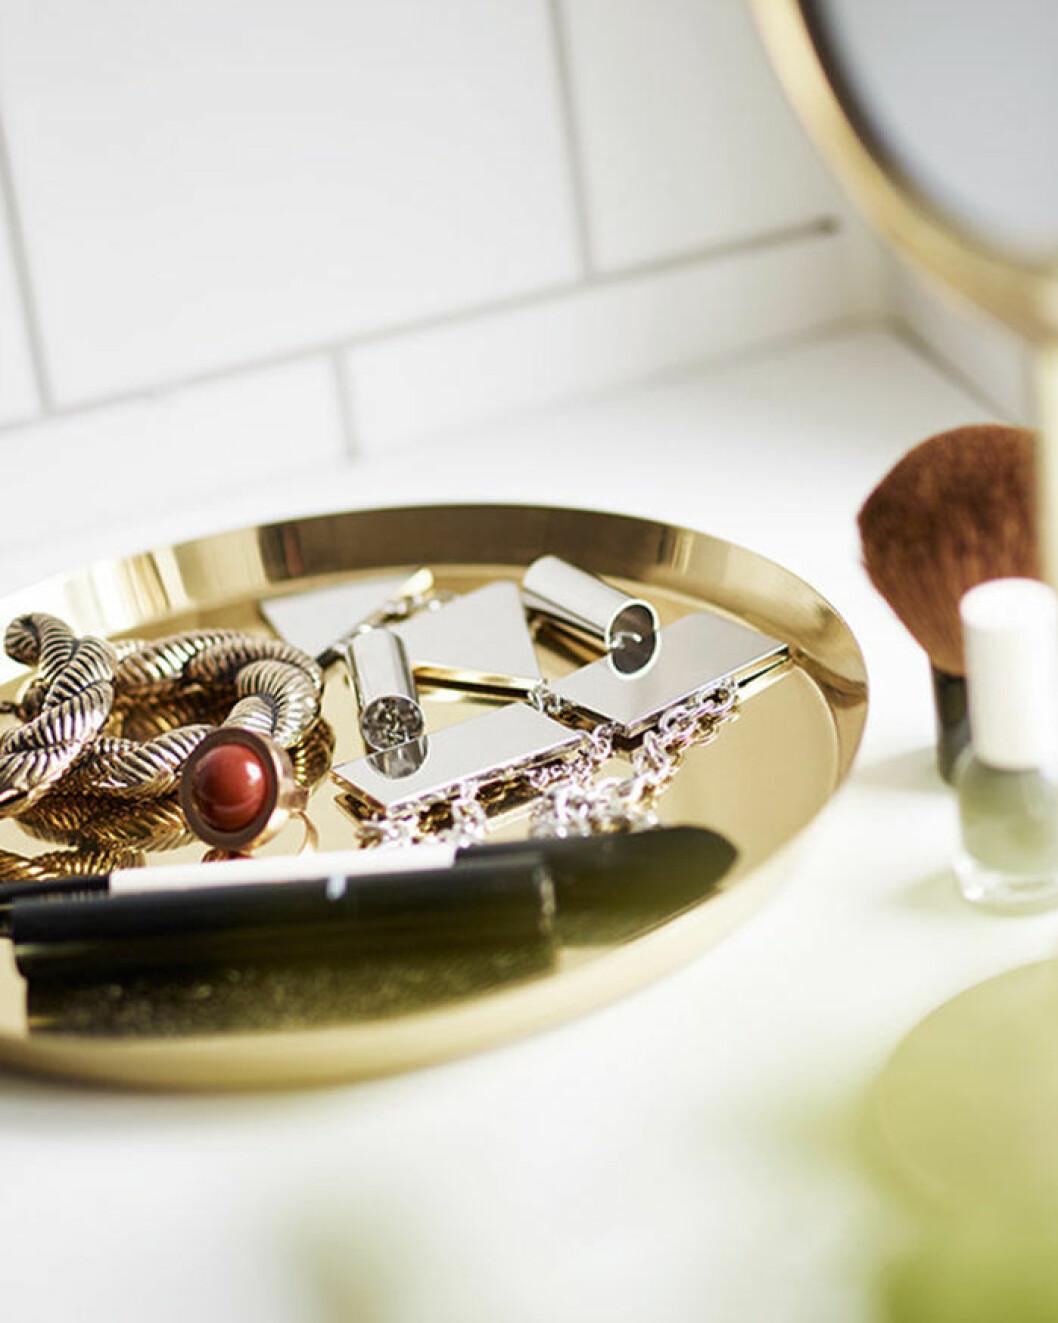 Bricka i mässing med smycken i badrummet